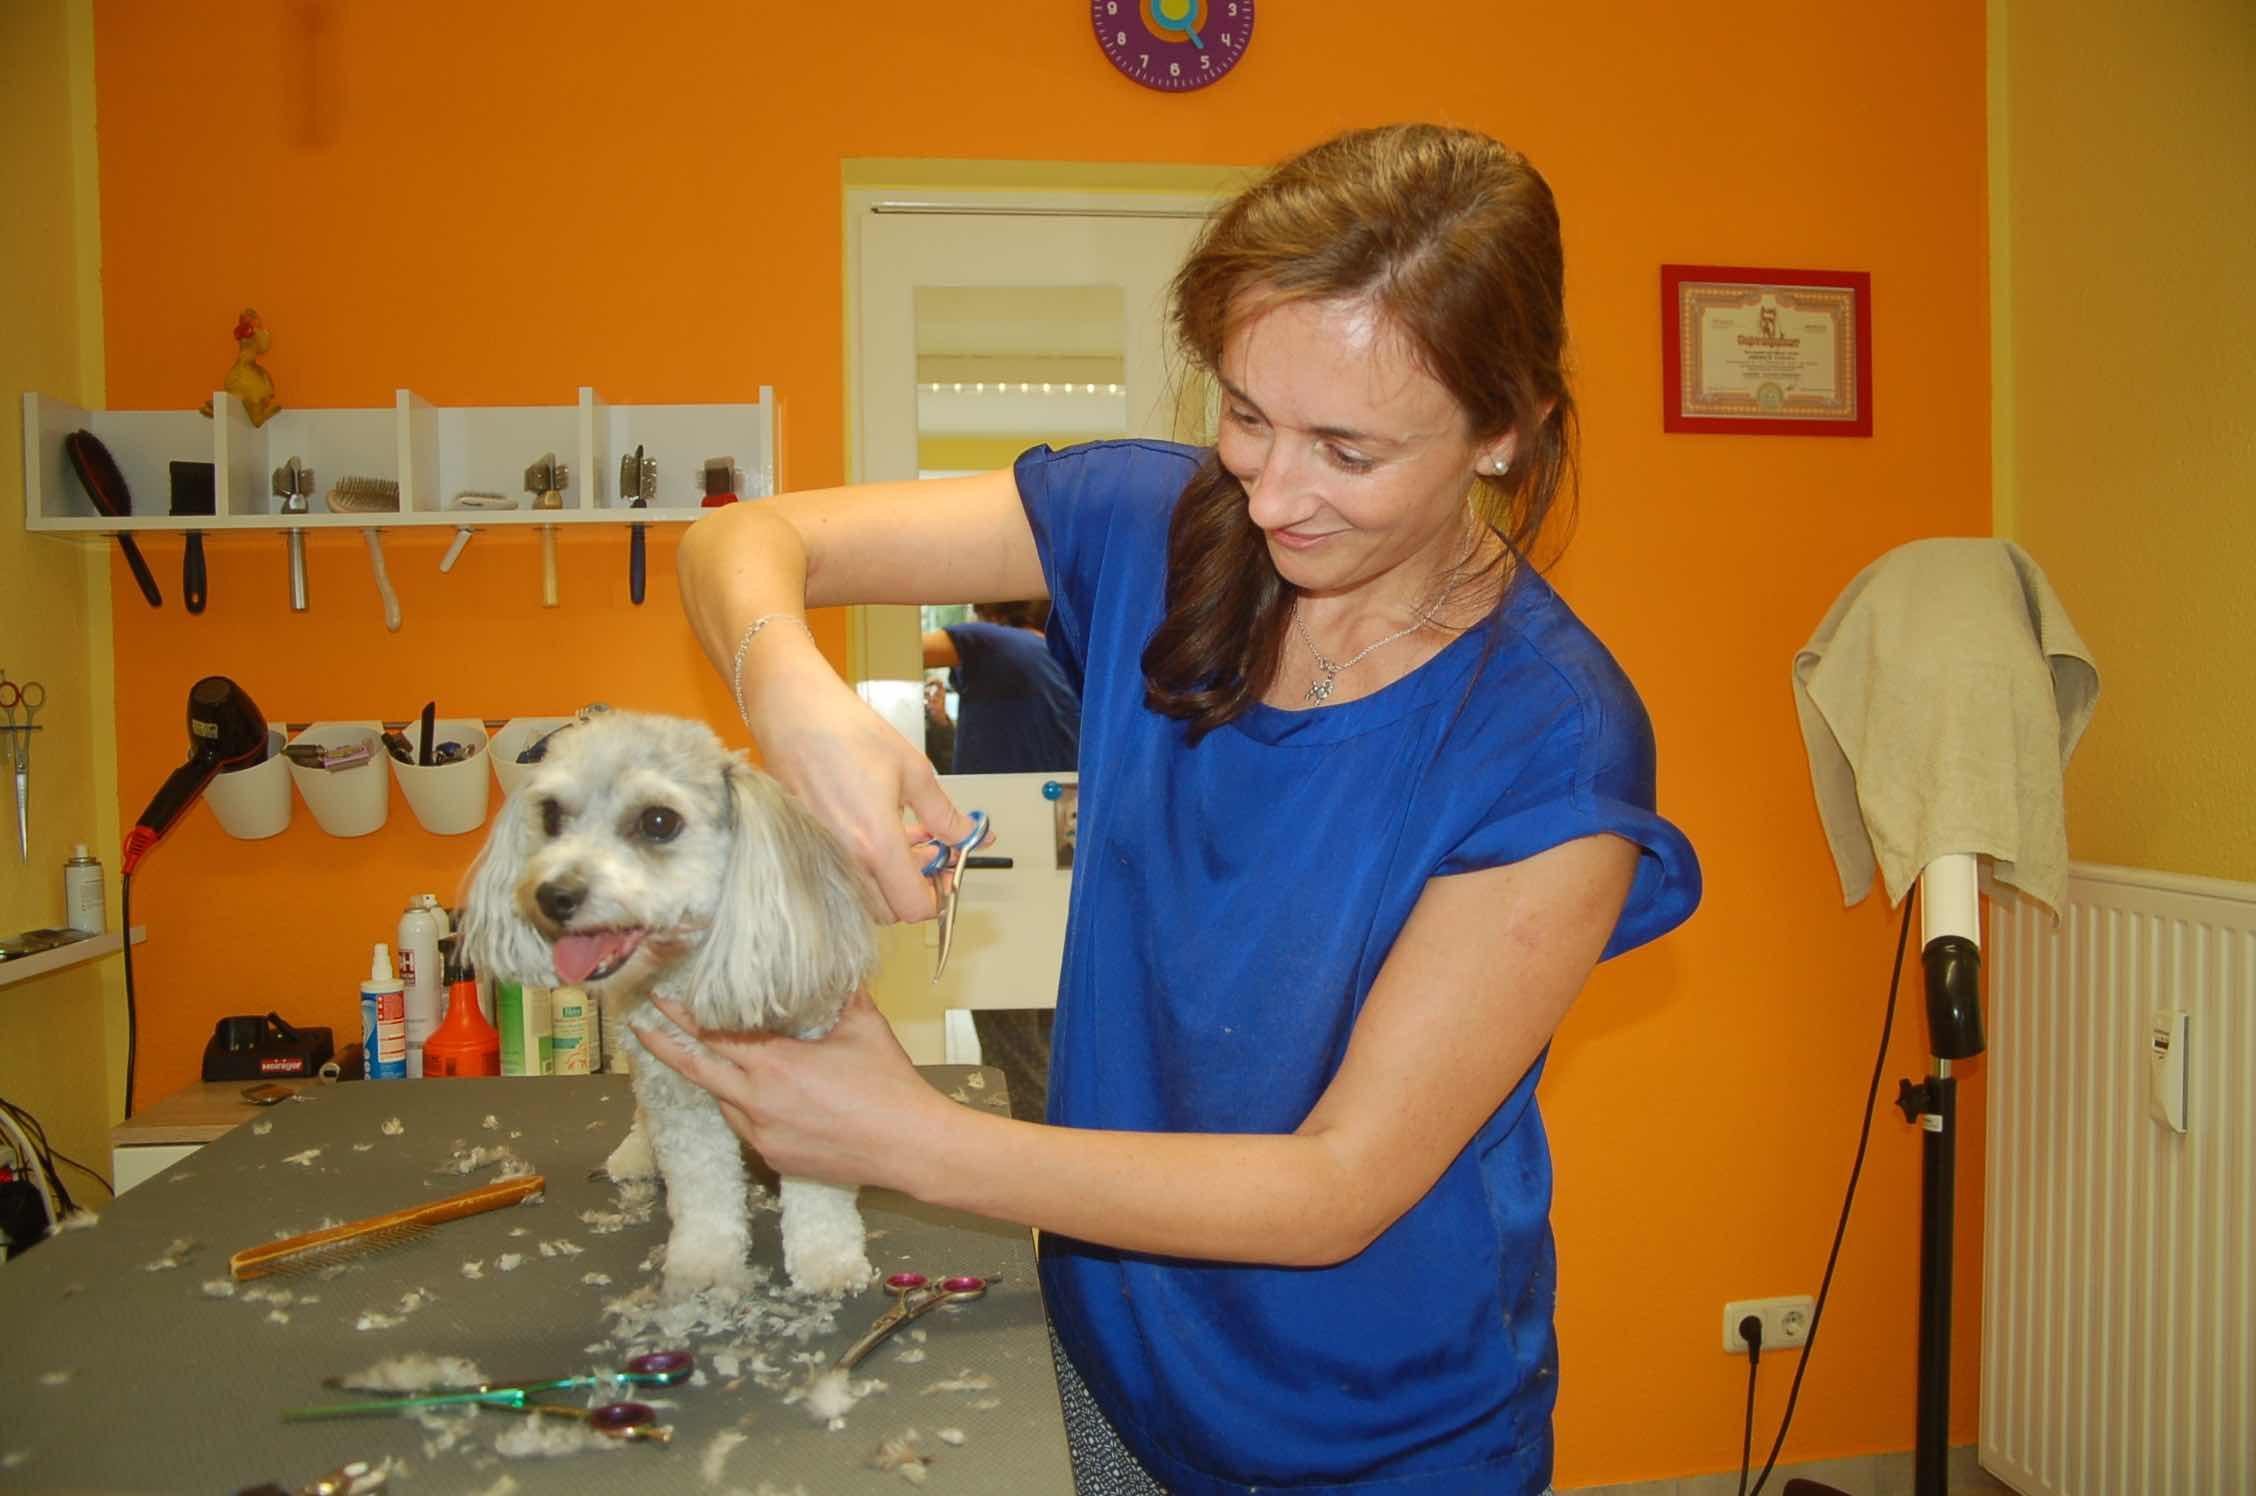 Hundestylist Tatiana Ziborich bei der Arbeit,